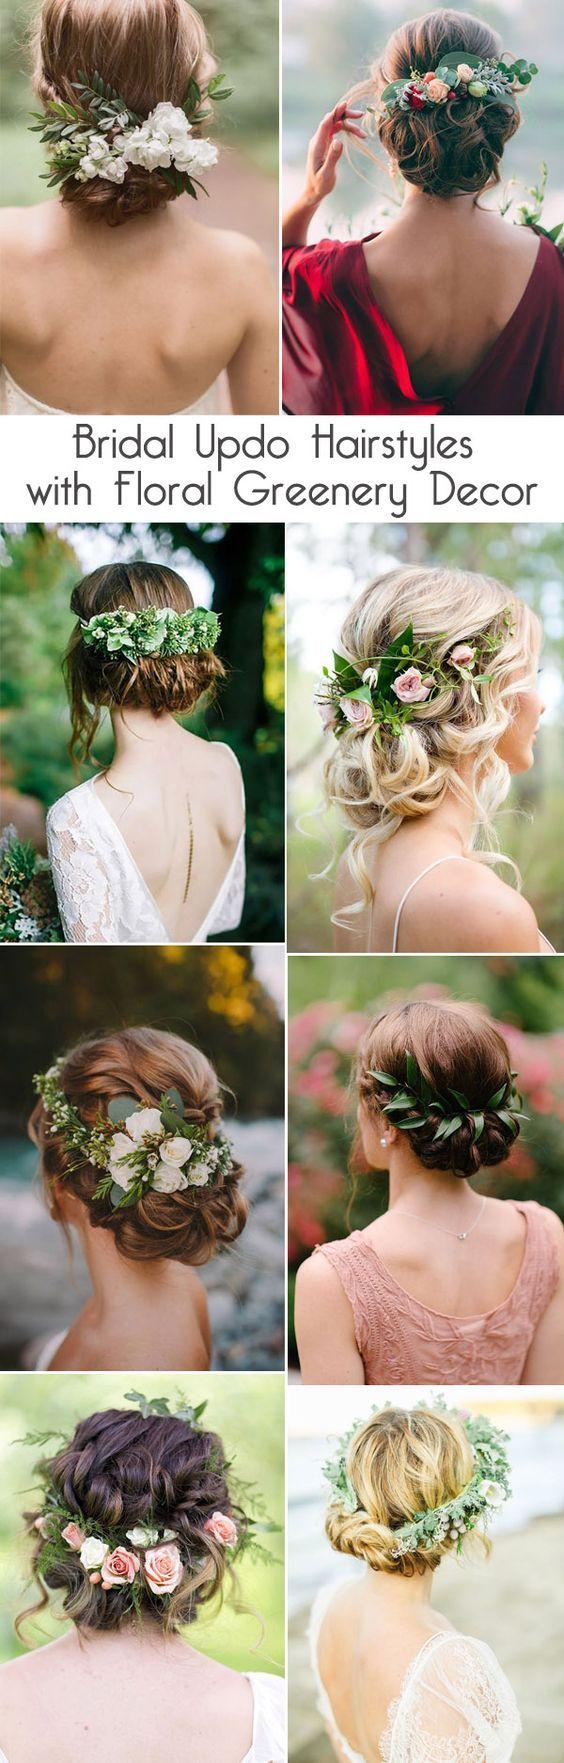 25 Drop-Dead Bridal Updo Frisuren Ideen für jeden Hochzeitsort